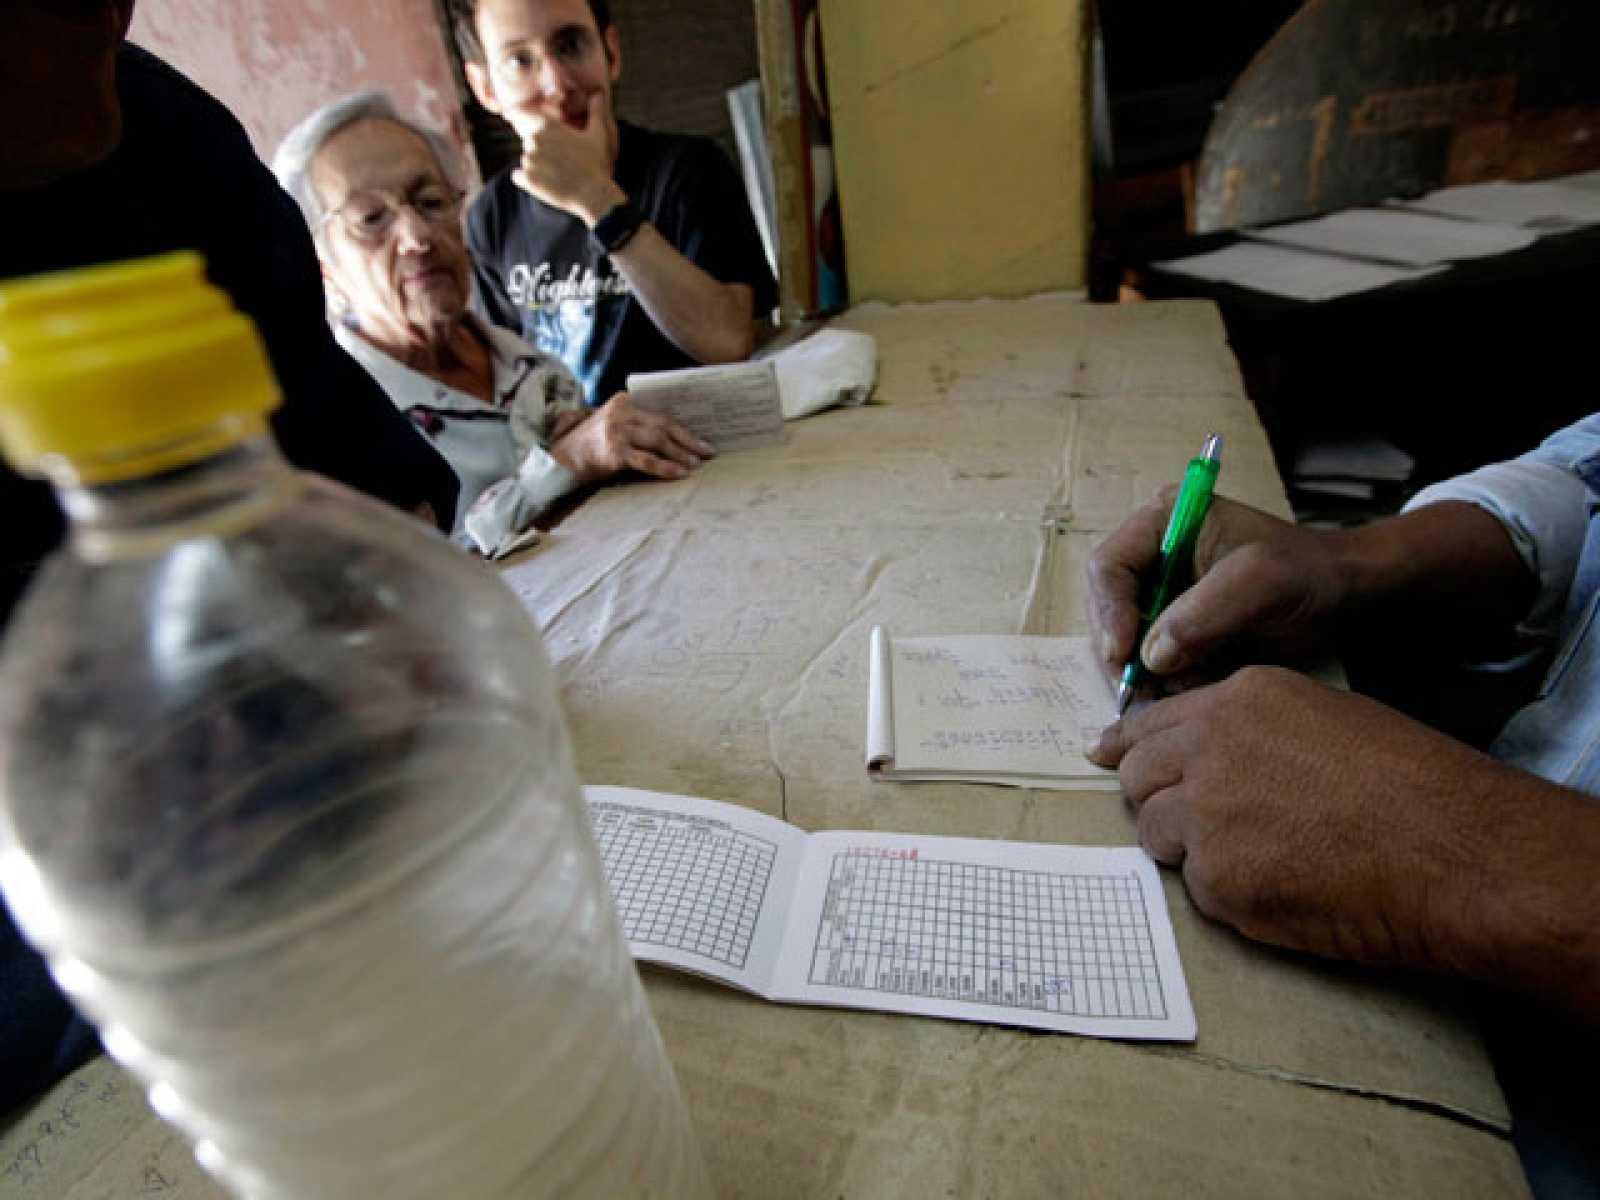 Las reformas económicas serán protagonistas en Cuba en el 2011